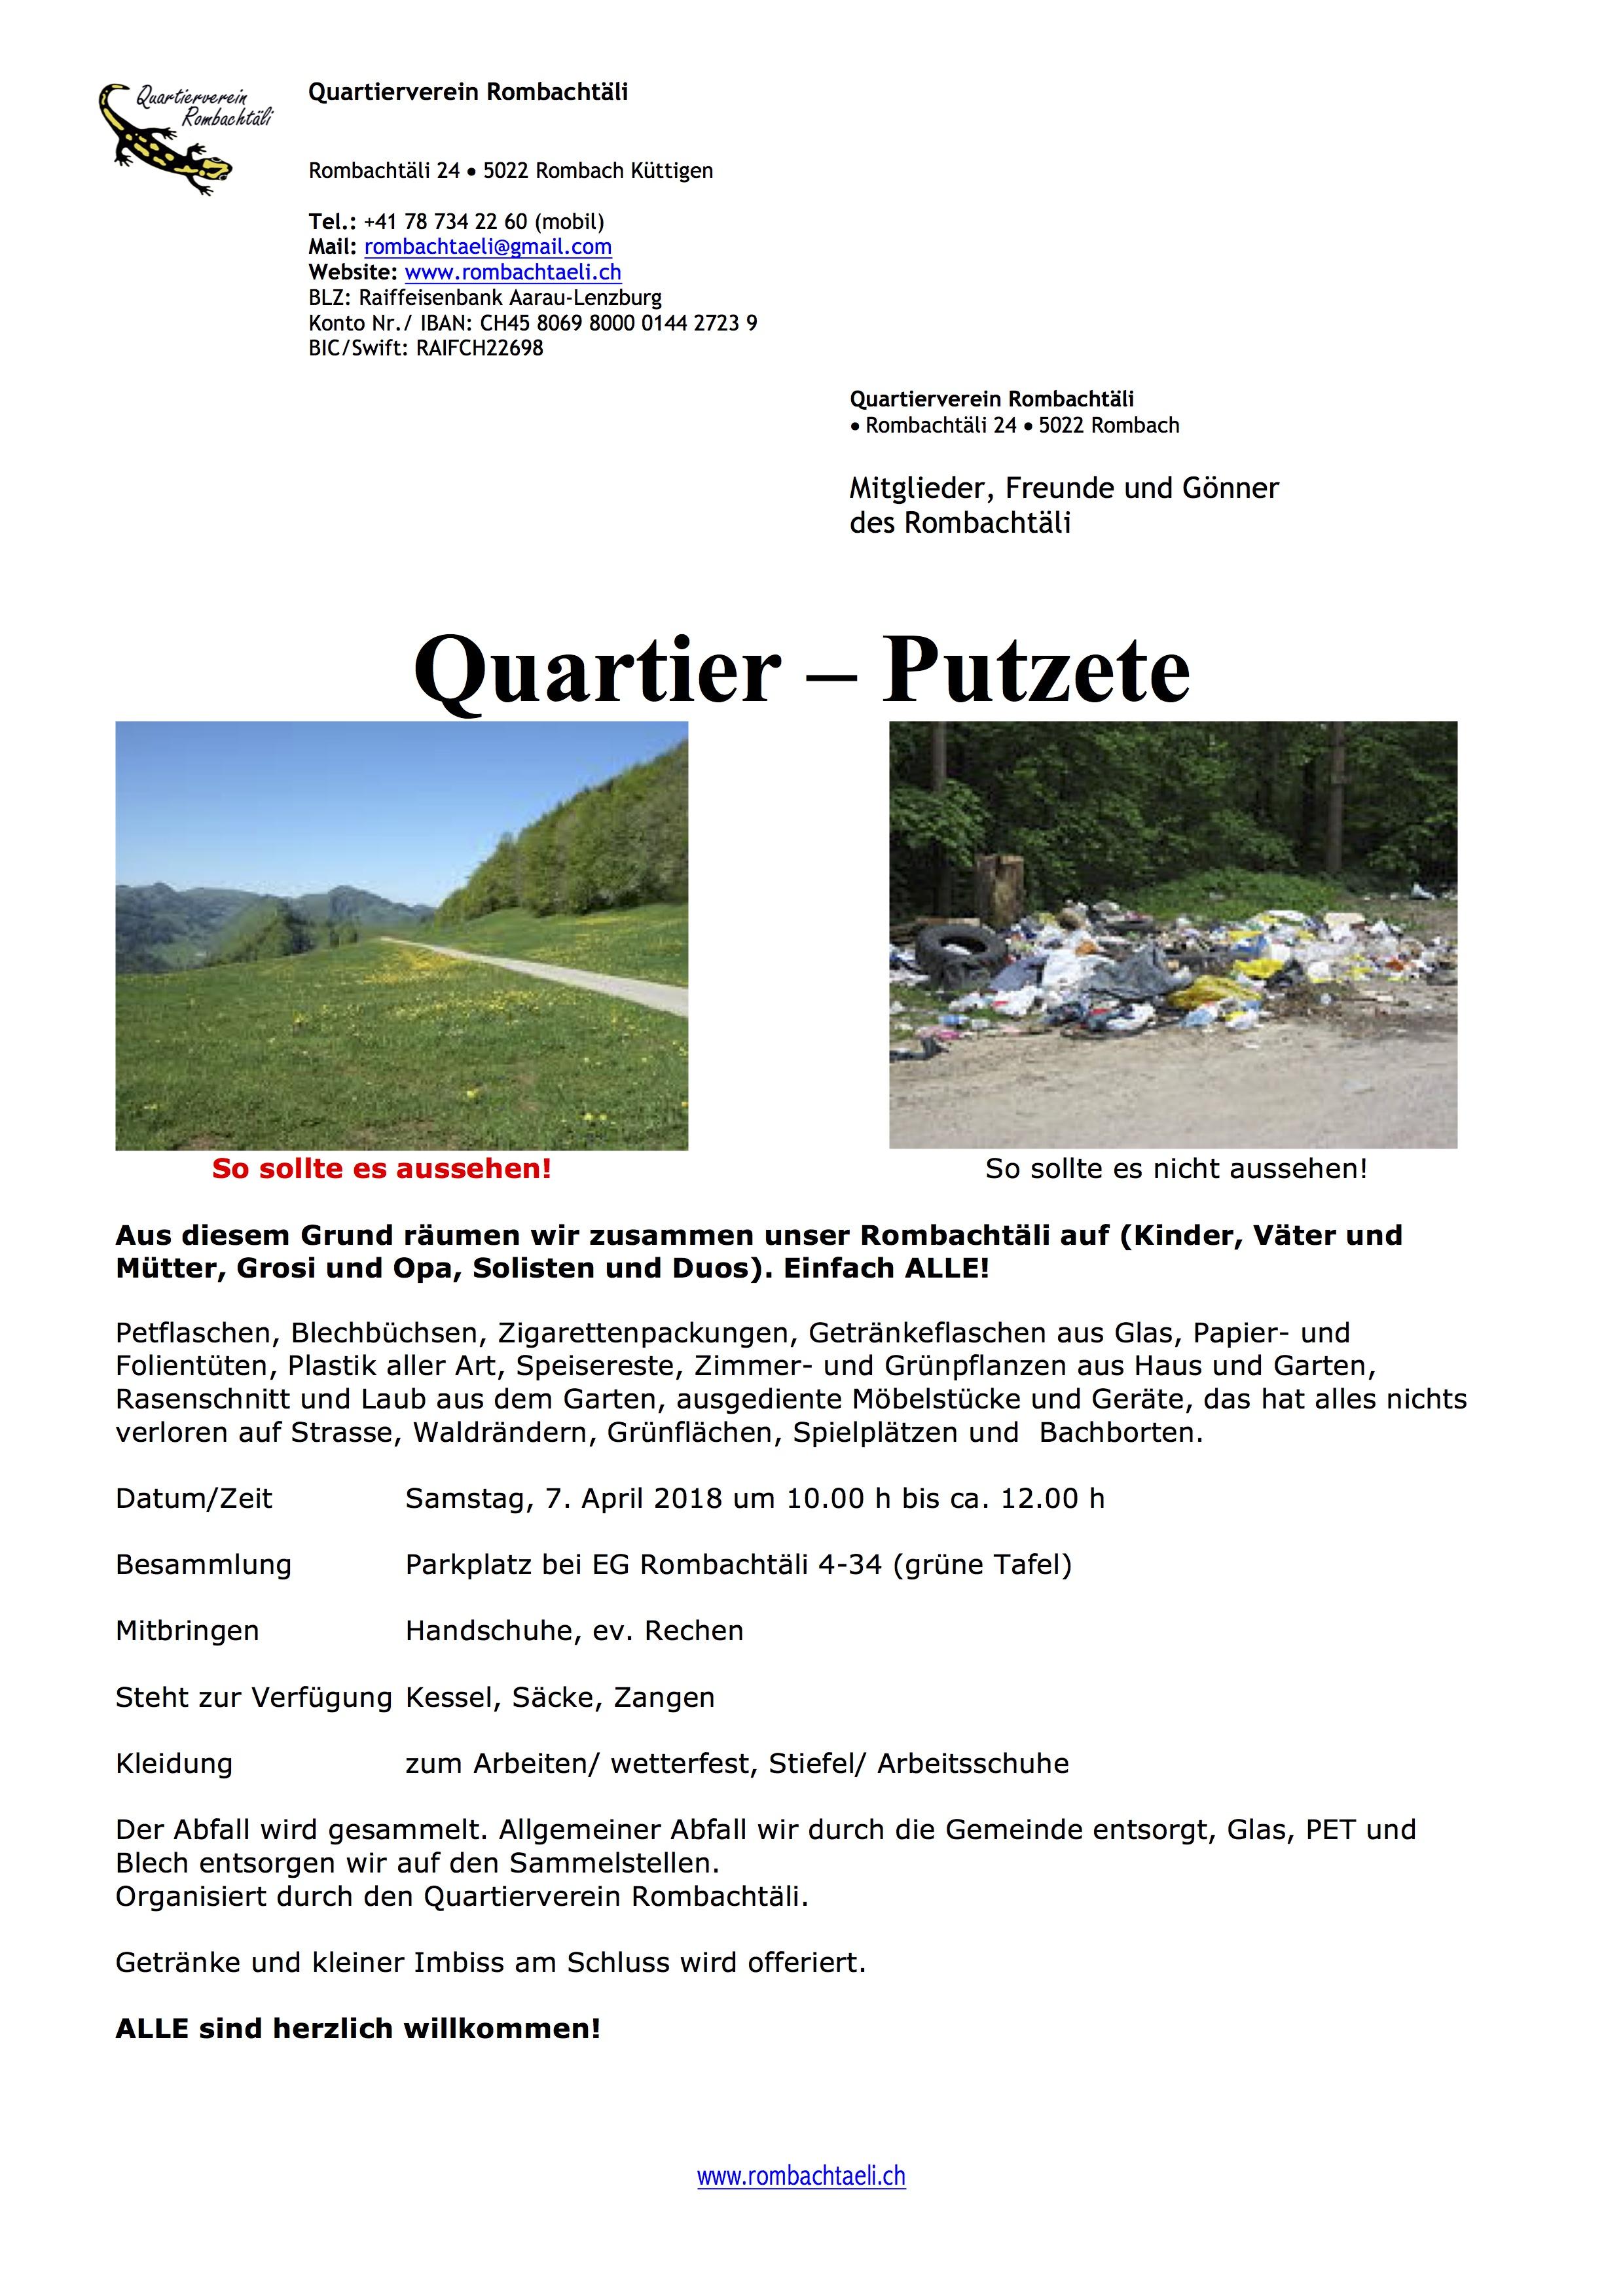 Quartier und Bachputzete_2018_04_07